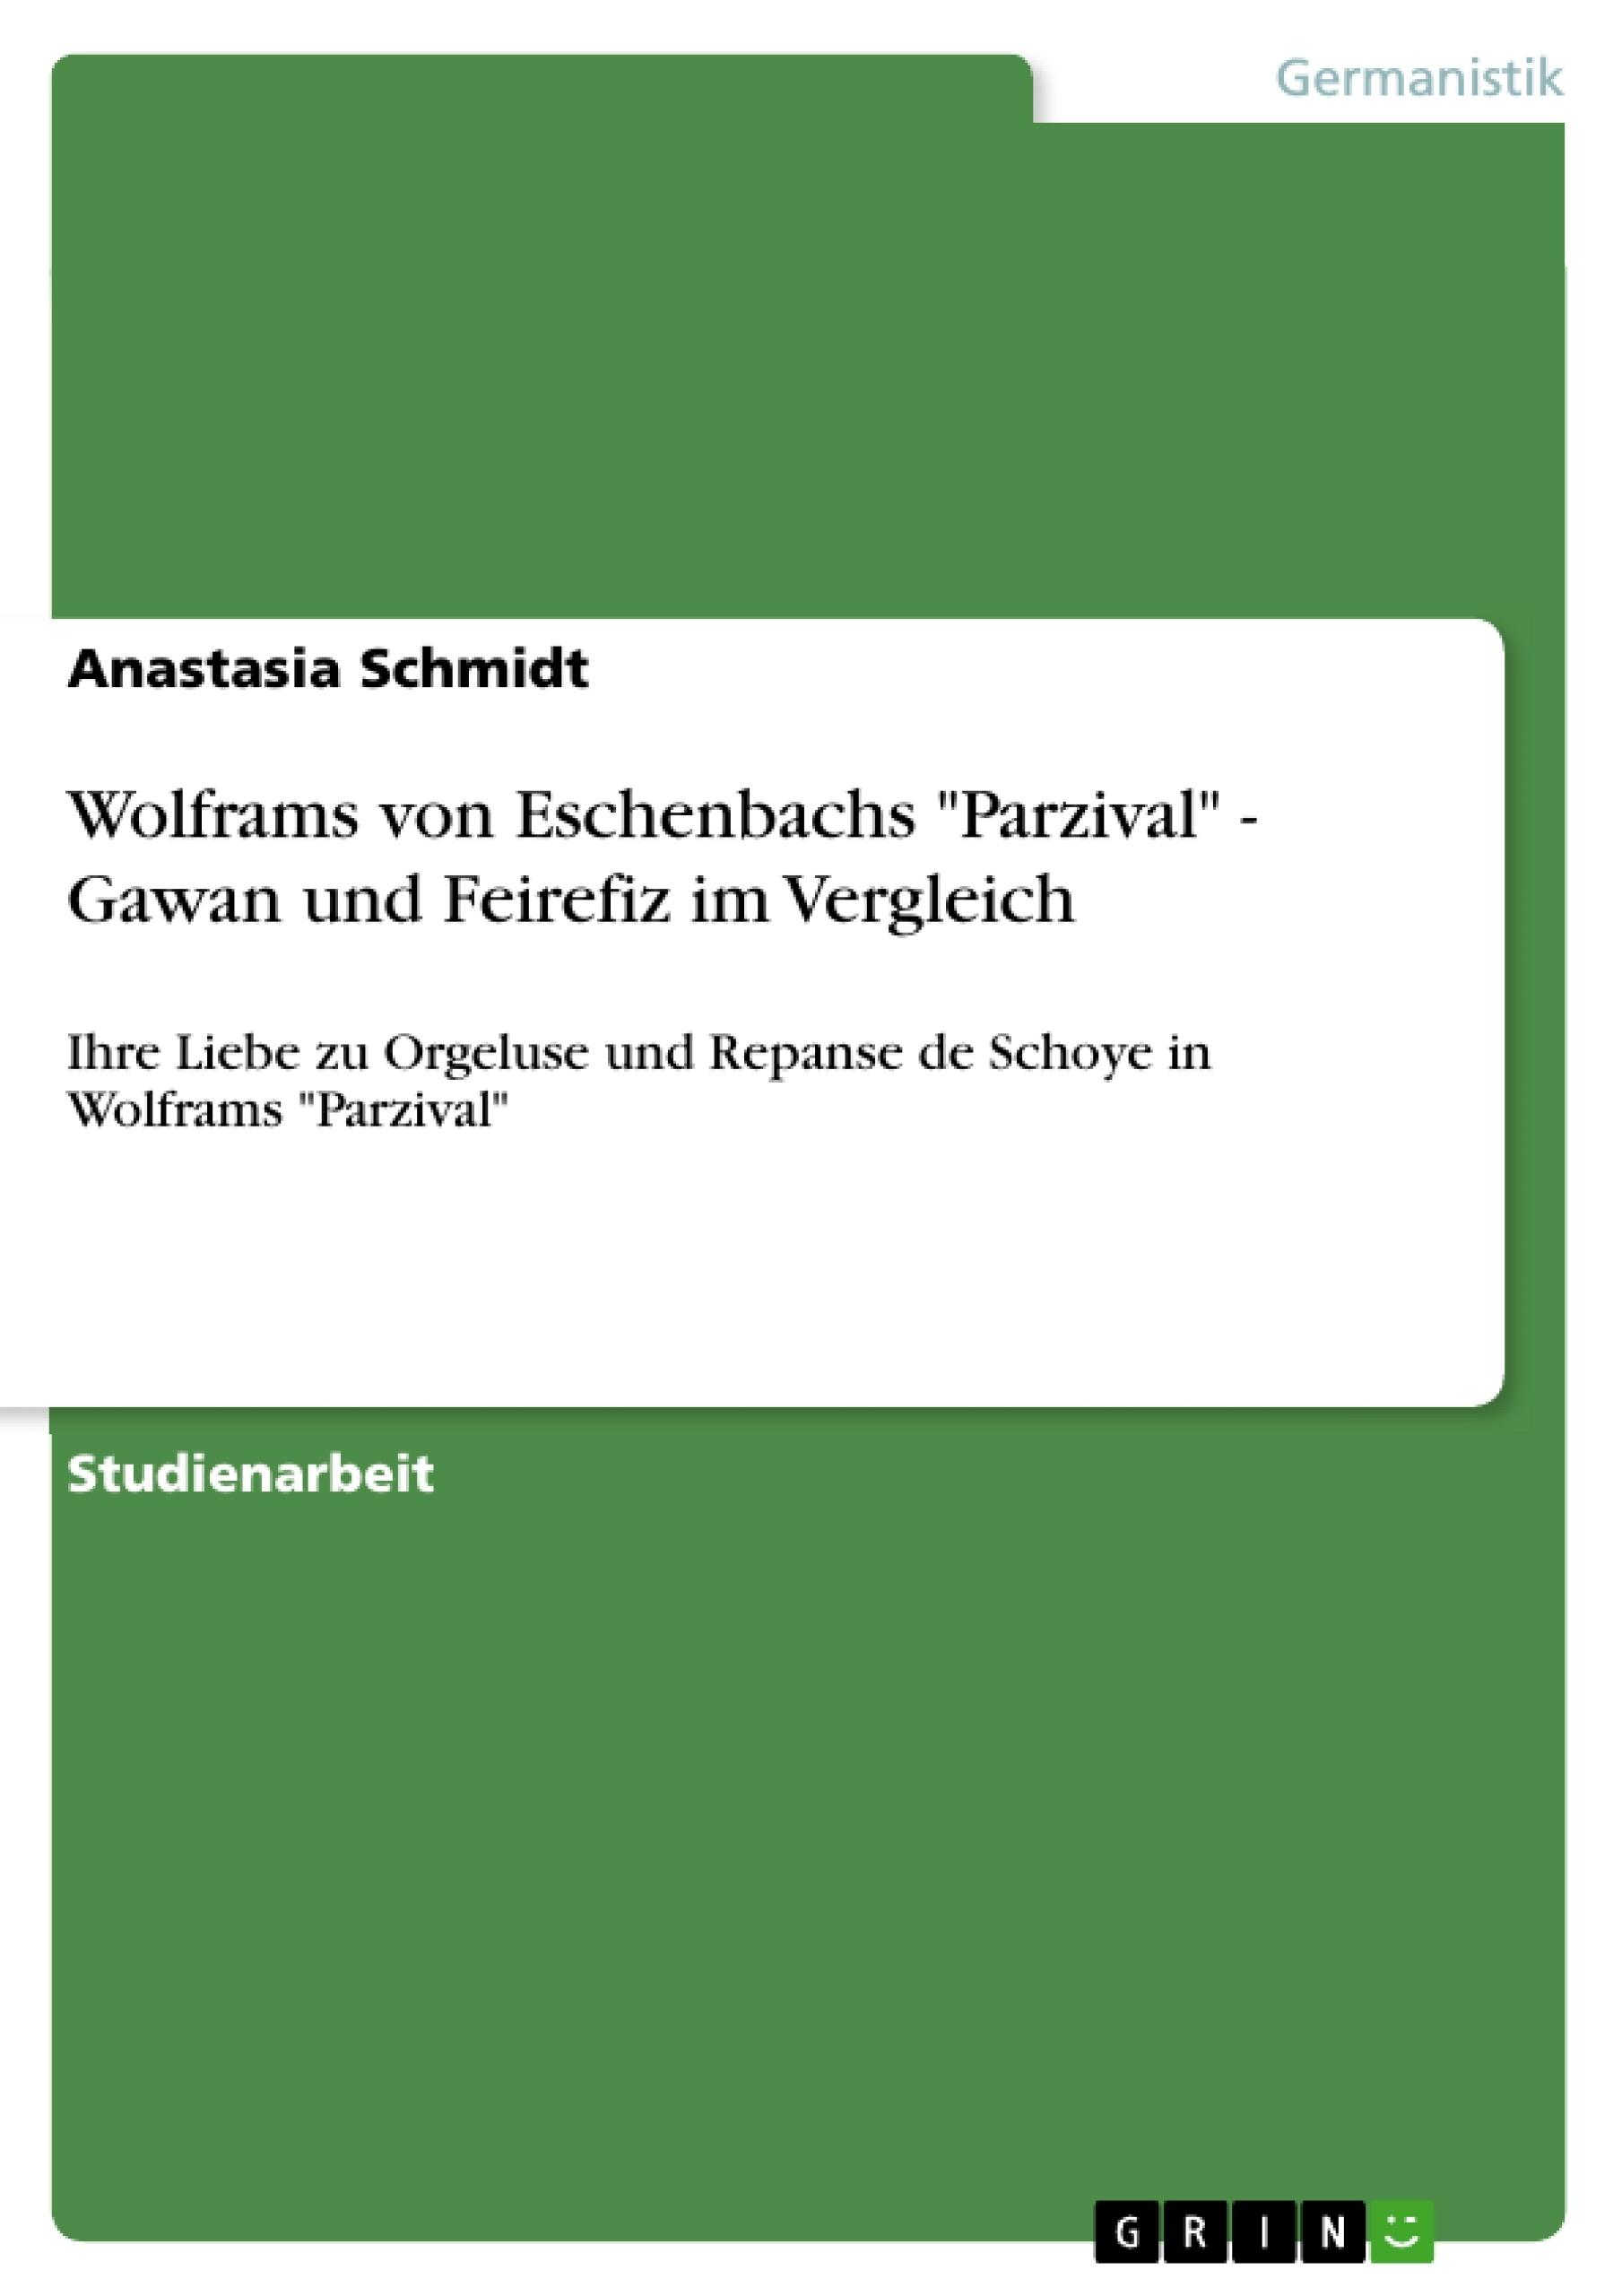 """Titel: Wolframs von Eschenbachs  """"Parzival"""" - Gawan und Feirefiz im Vergleich"""